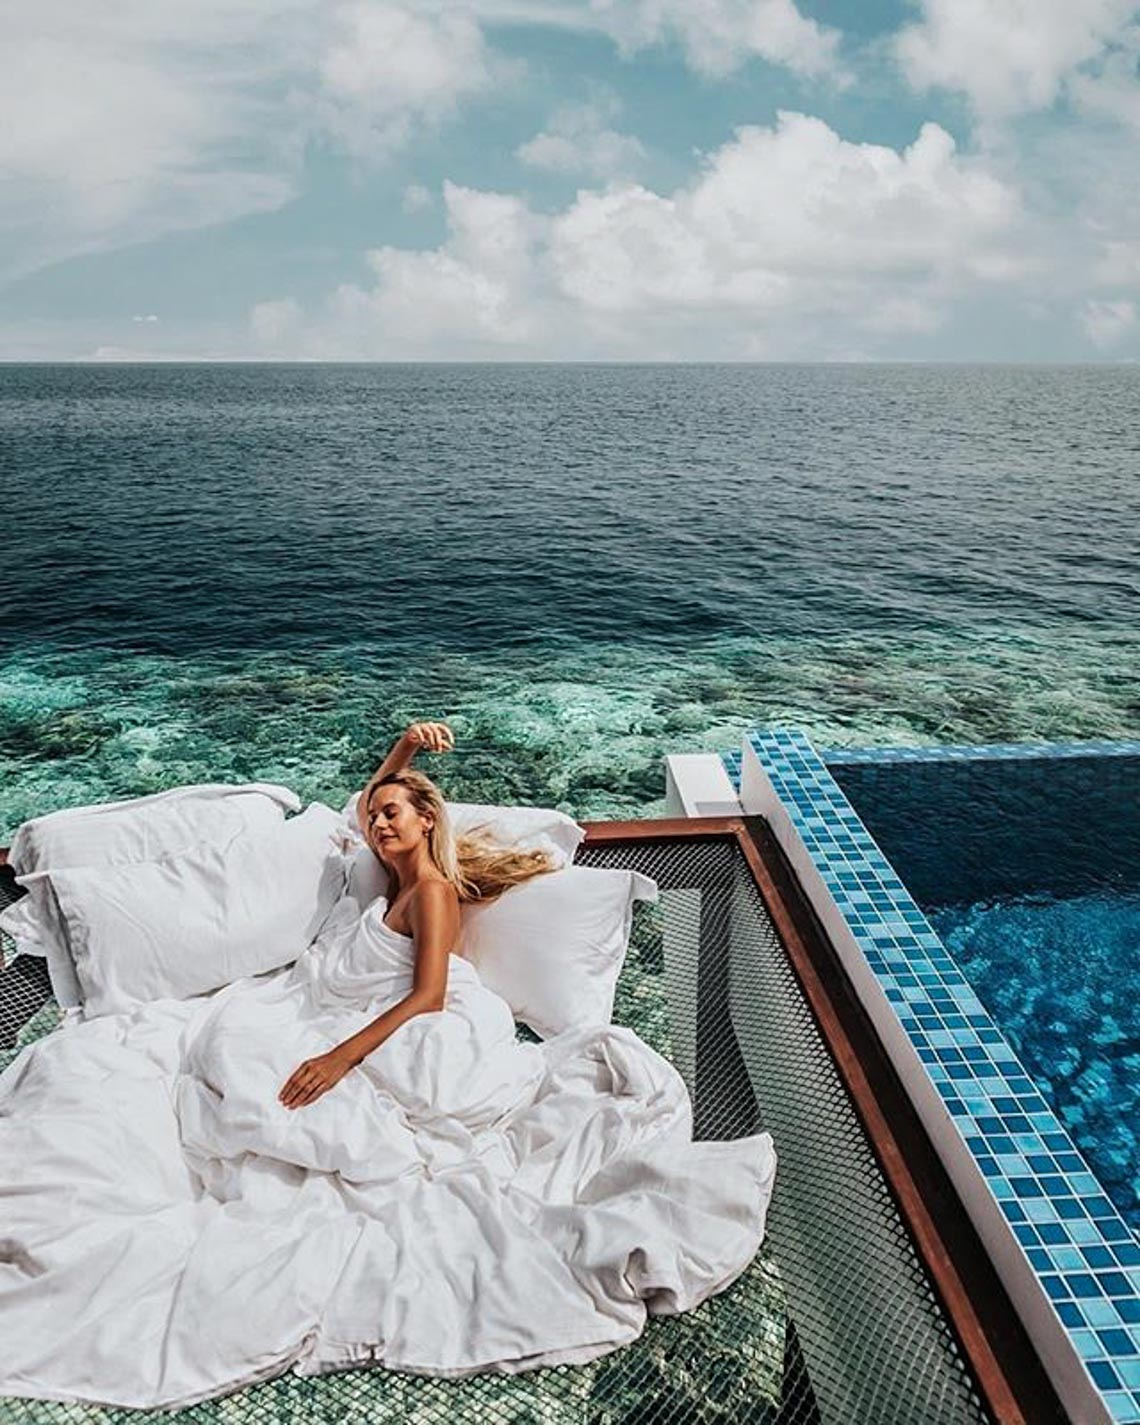 Khu nghỉ dưỡng Grand Park Kodhipparu ở Maldives - 4